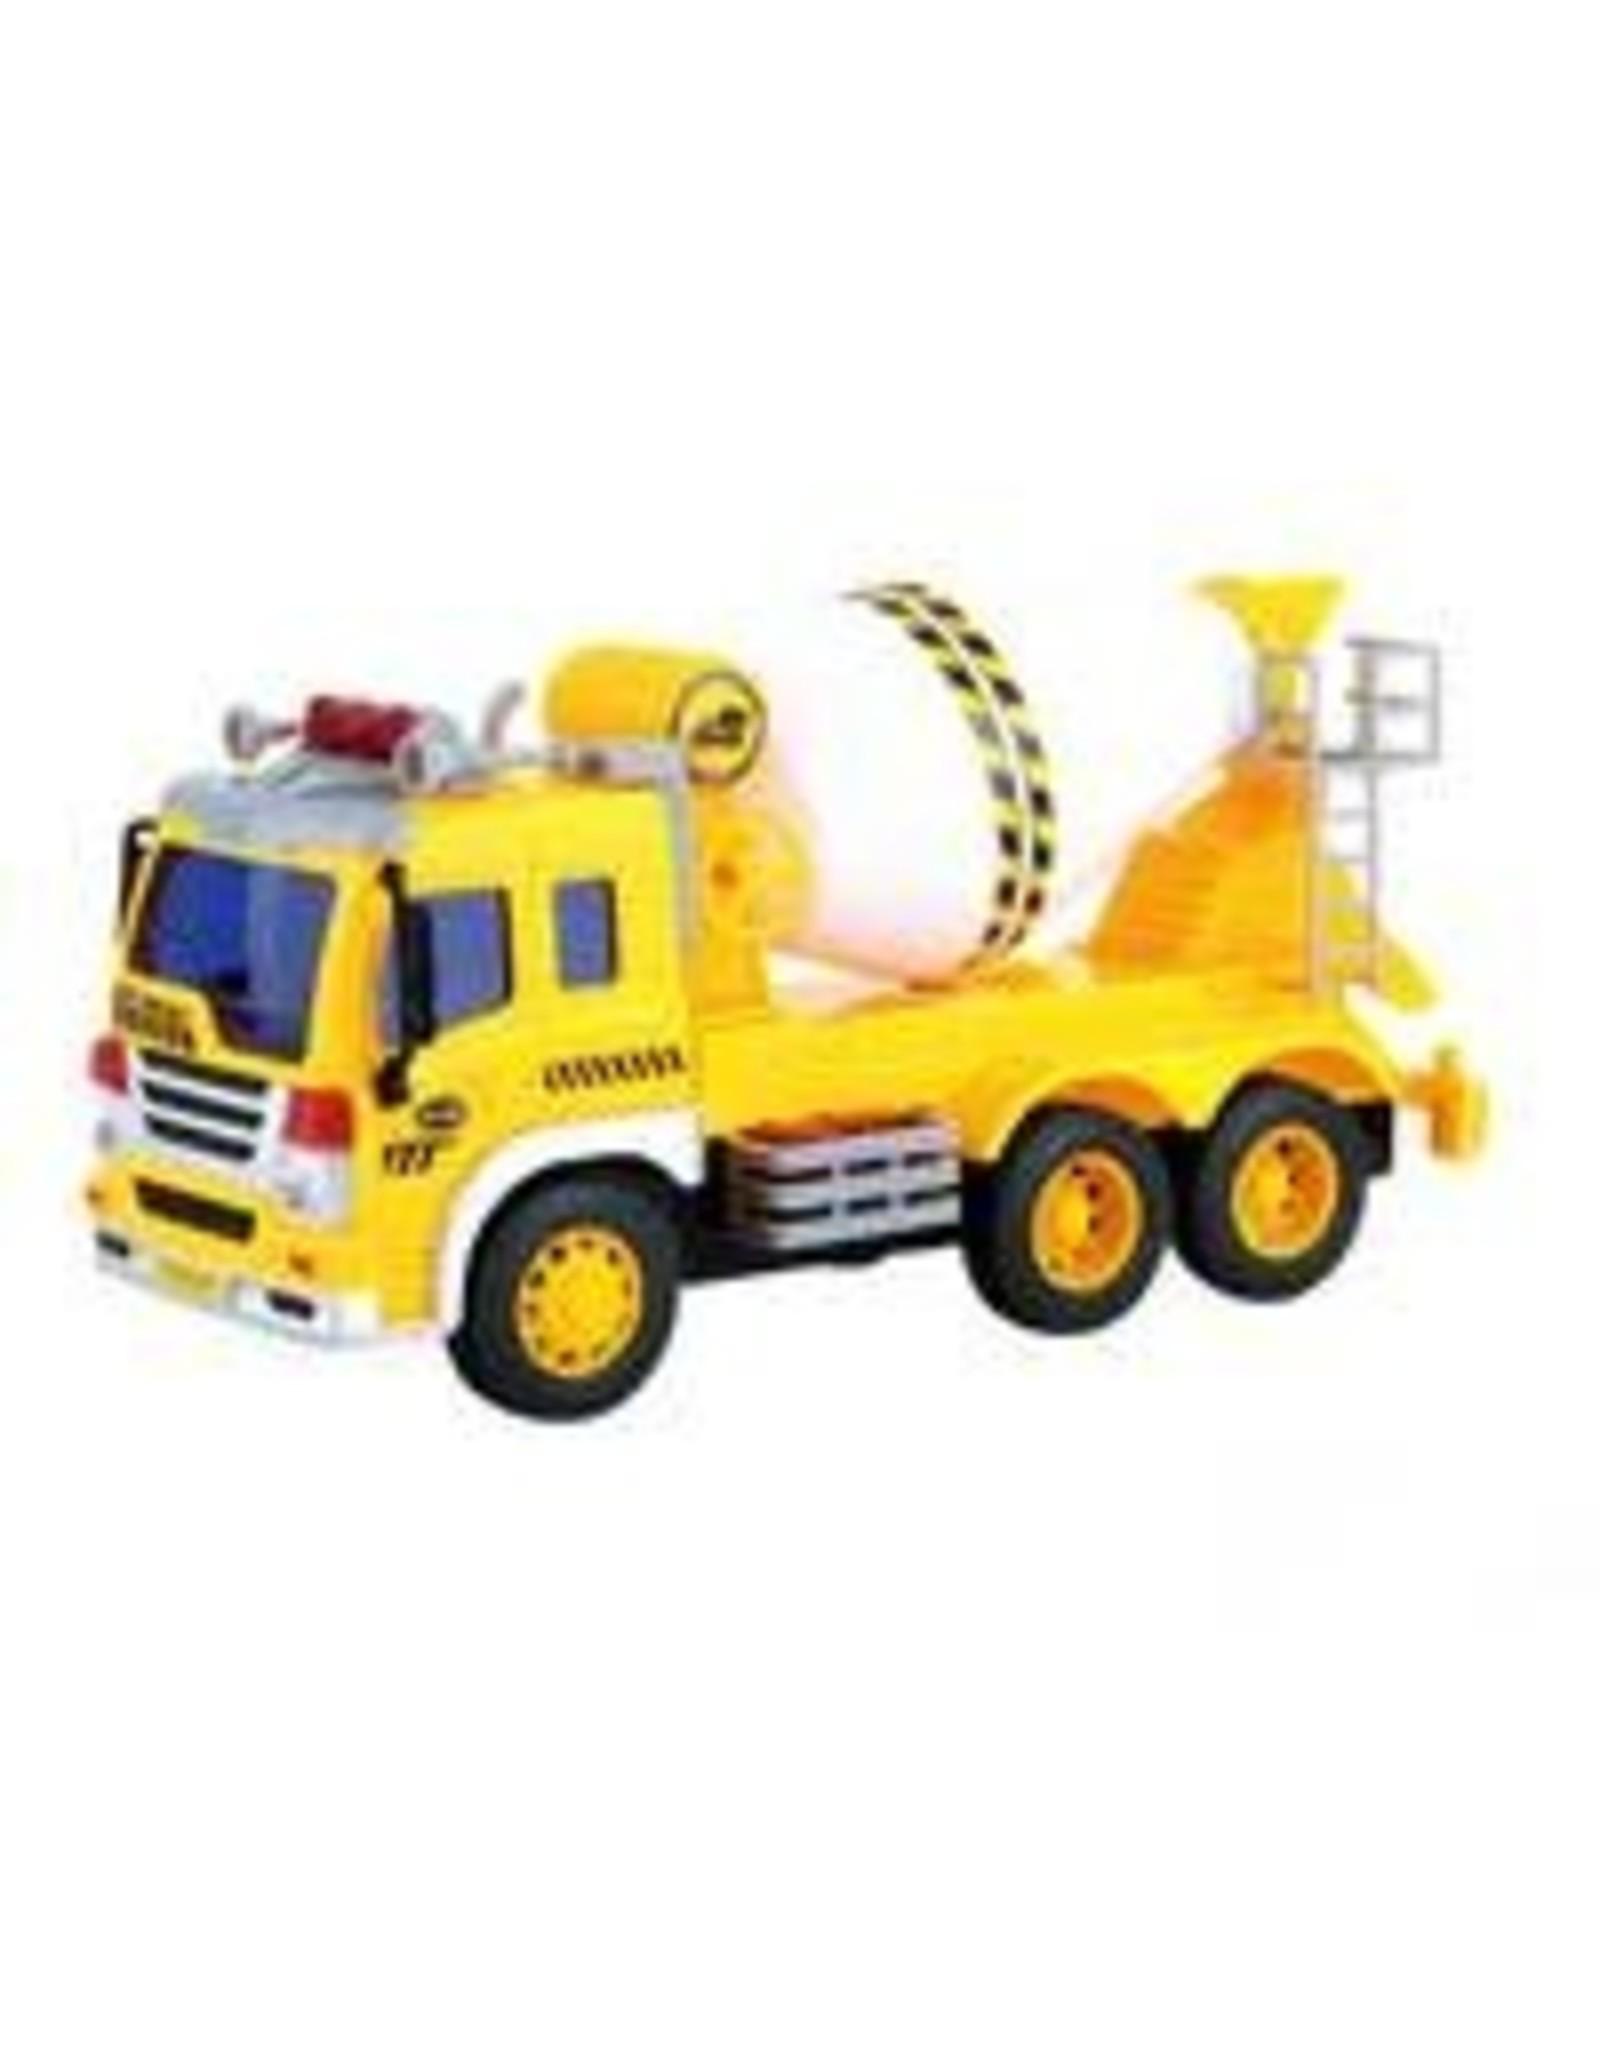 JOLLITY Cementwagen met licht en geluid - 1:16